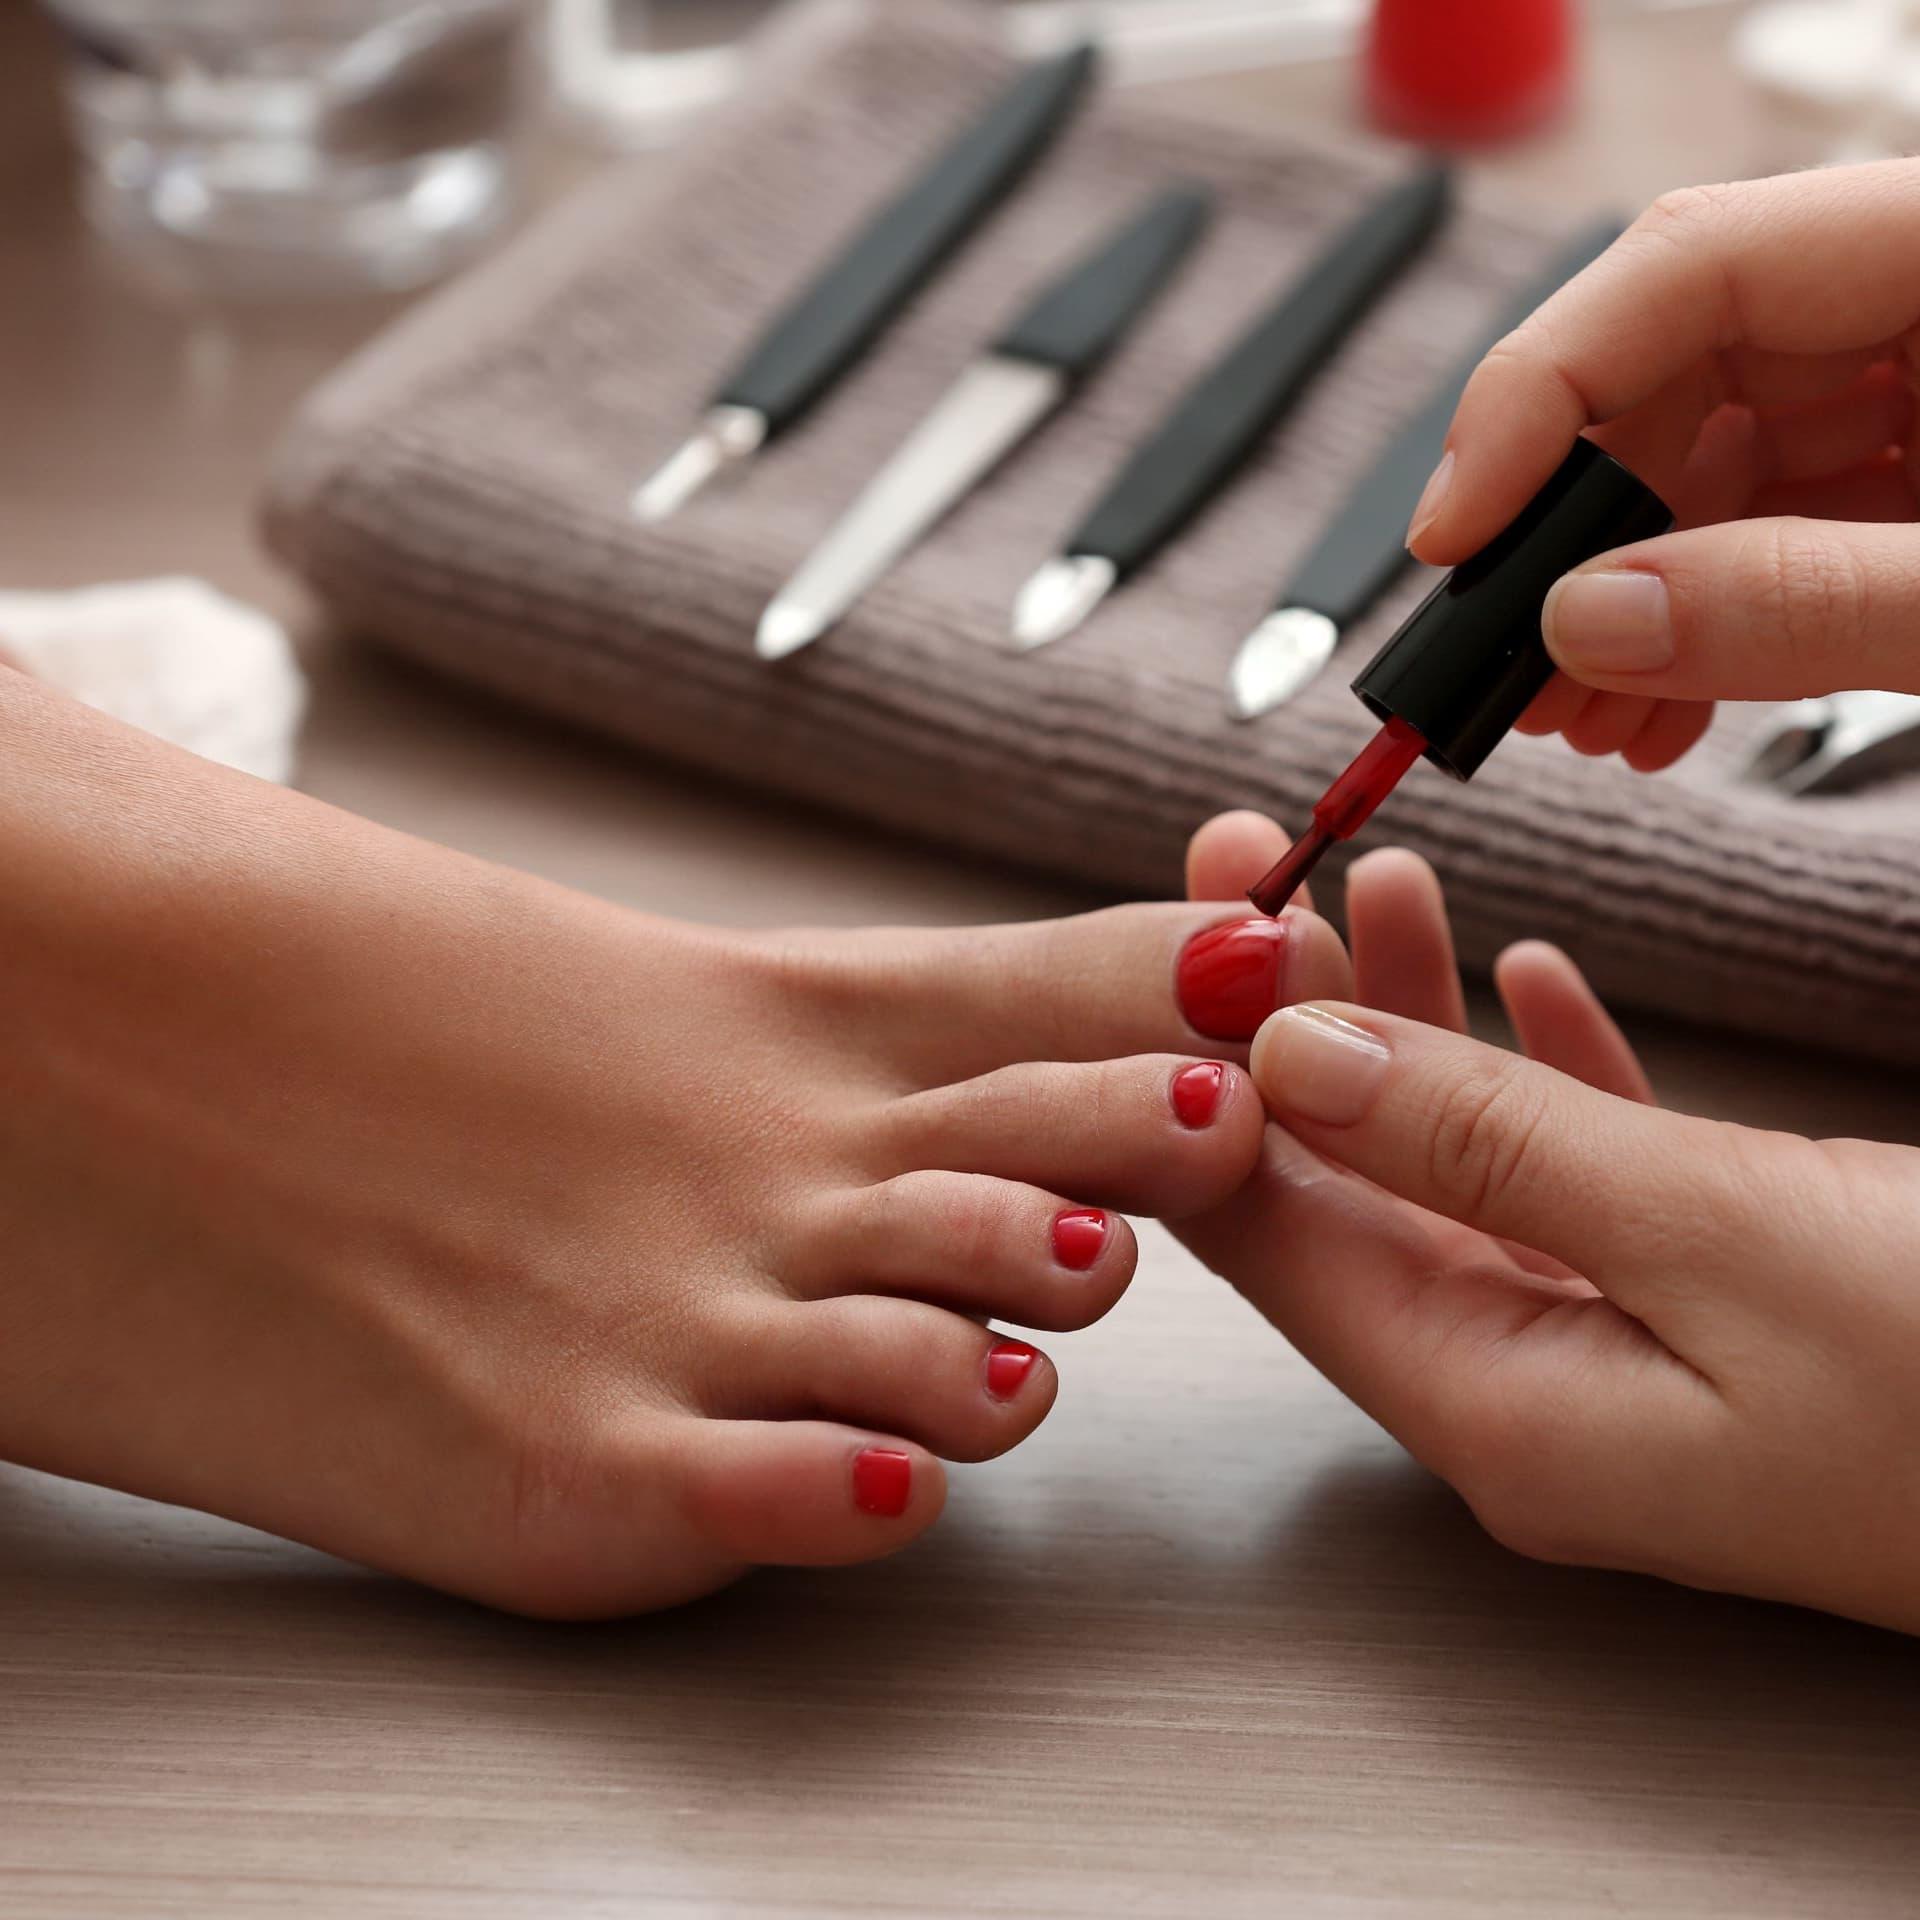 Classic Manicure + Classic Pedicure + Foot Scrub (2 Sessions)